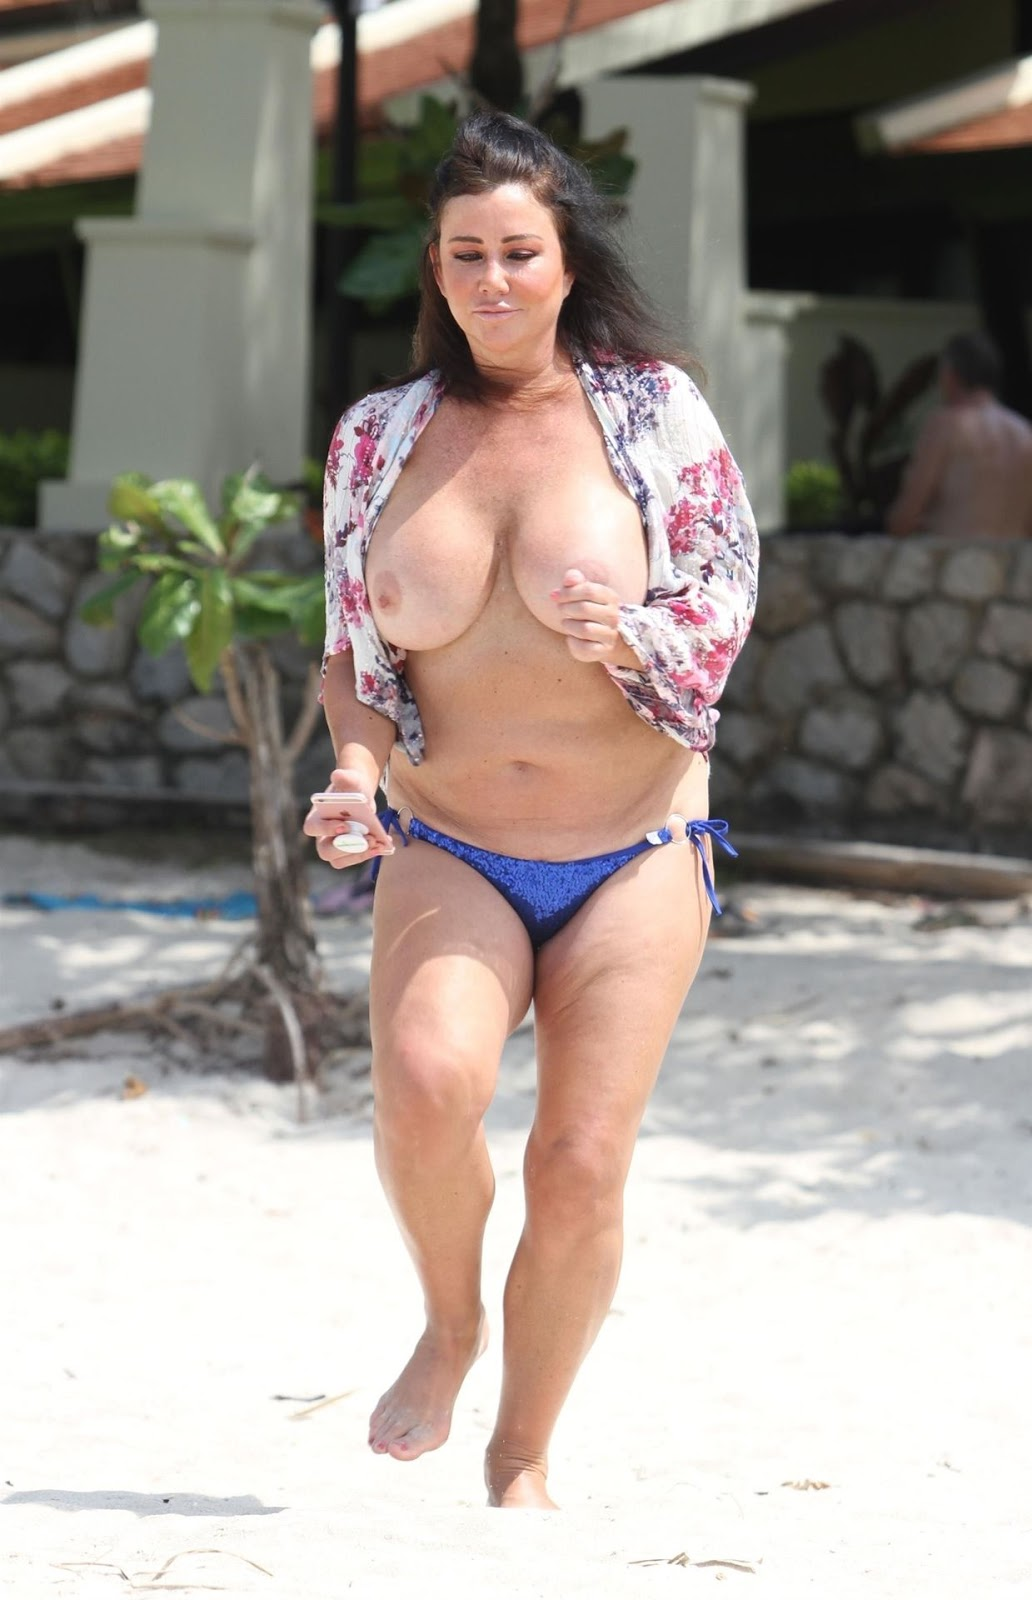 Lisa-Appleton-Topless-On-A-Beach-In-The-Gulf-of-Thailand-k6u7w90y6m.jpg